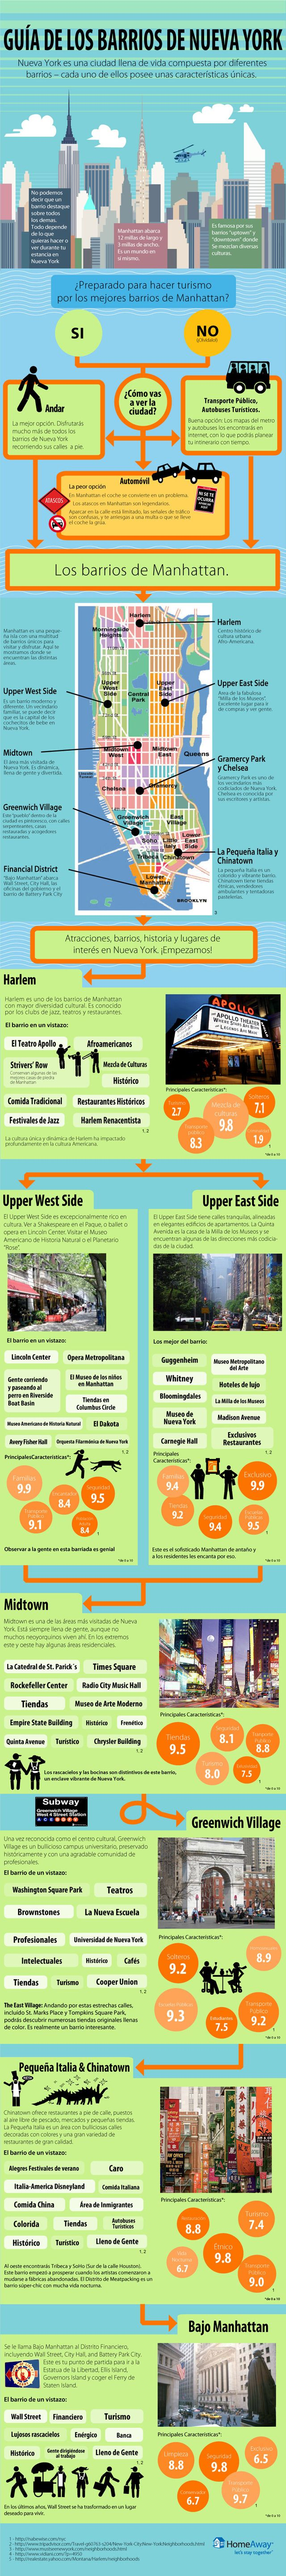 Guía de los barrios de Nueva York - HomeAway